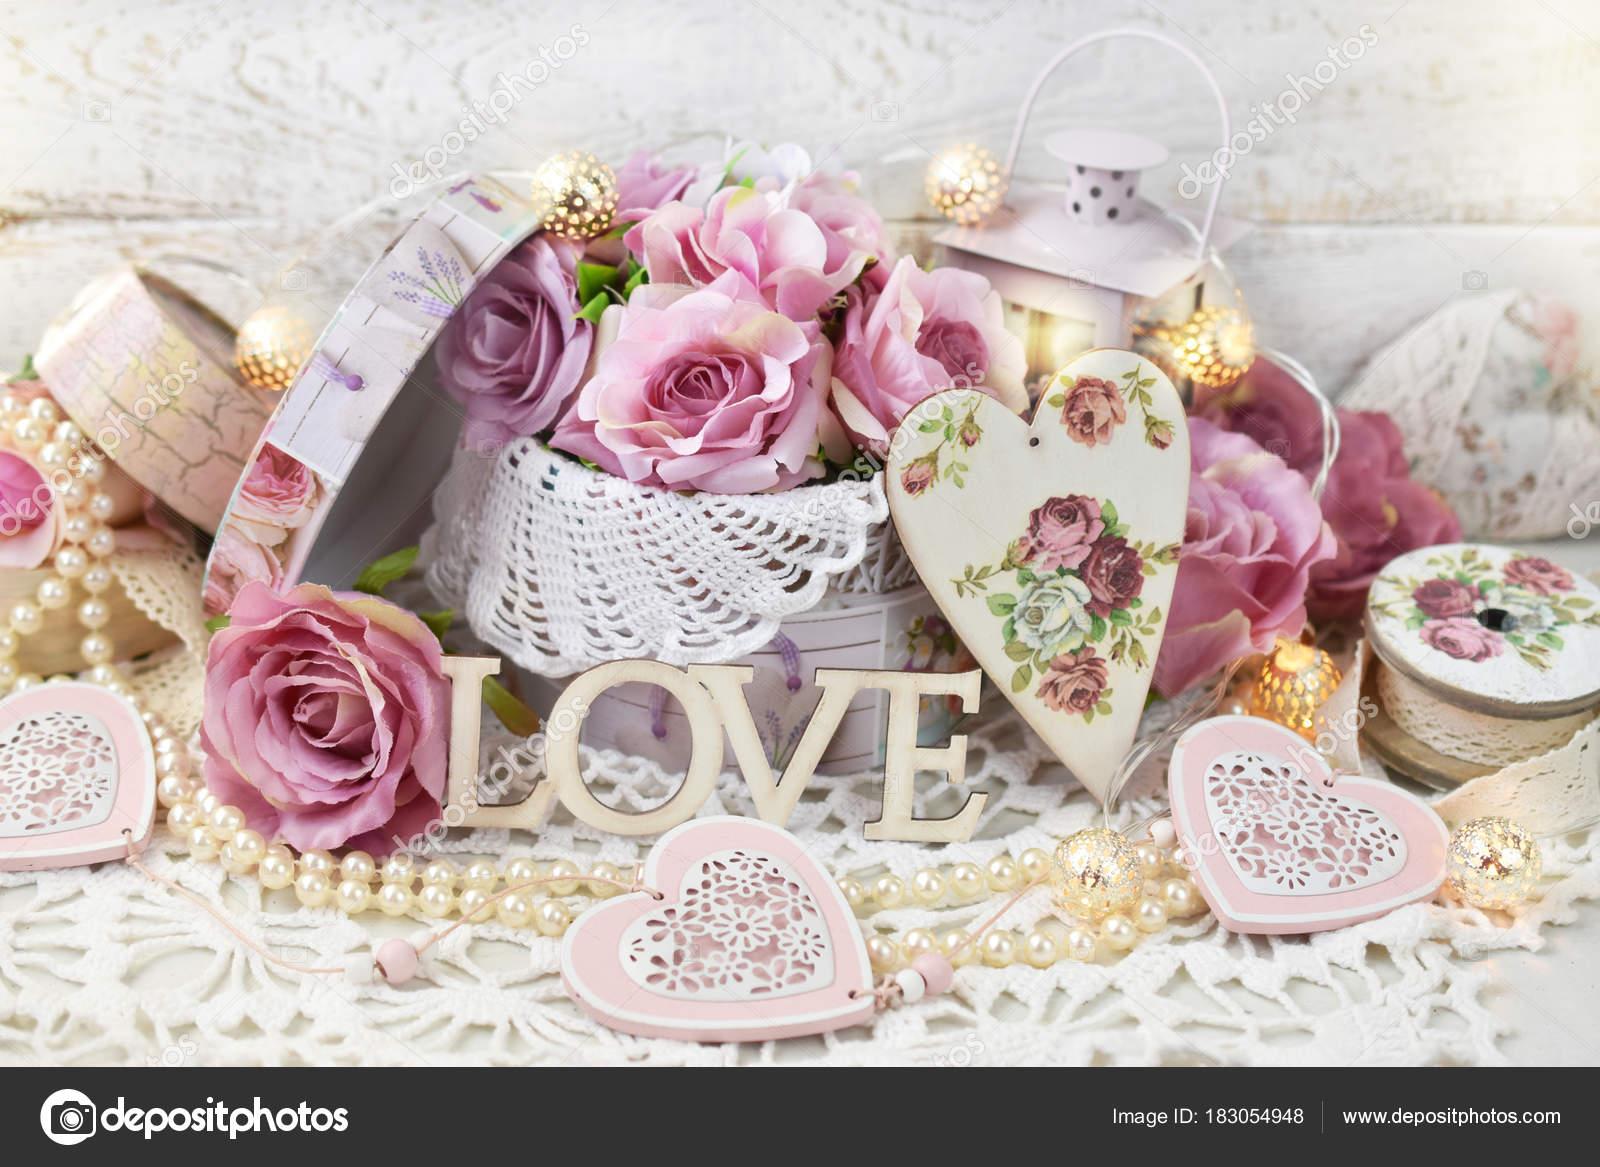 Romantische Liebe Dekoration Im Shabby Chic Stil Fur Hochzeit Oder